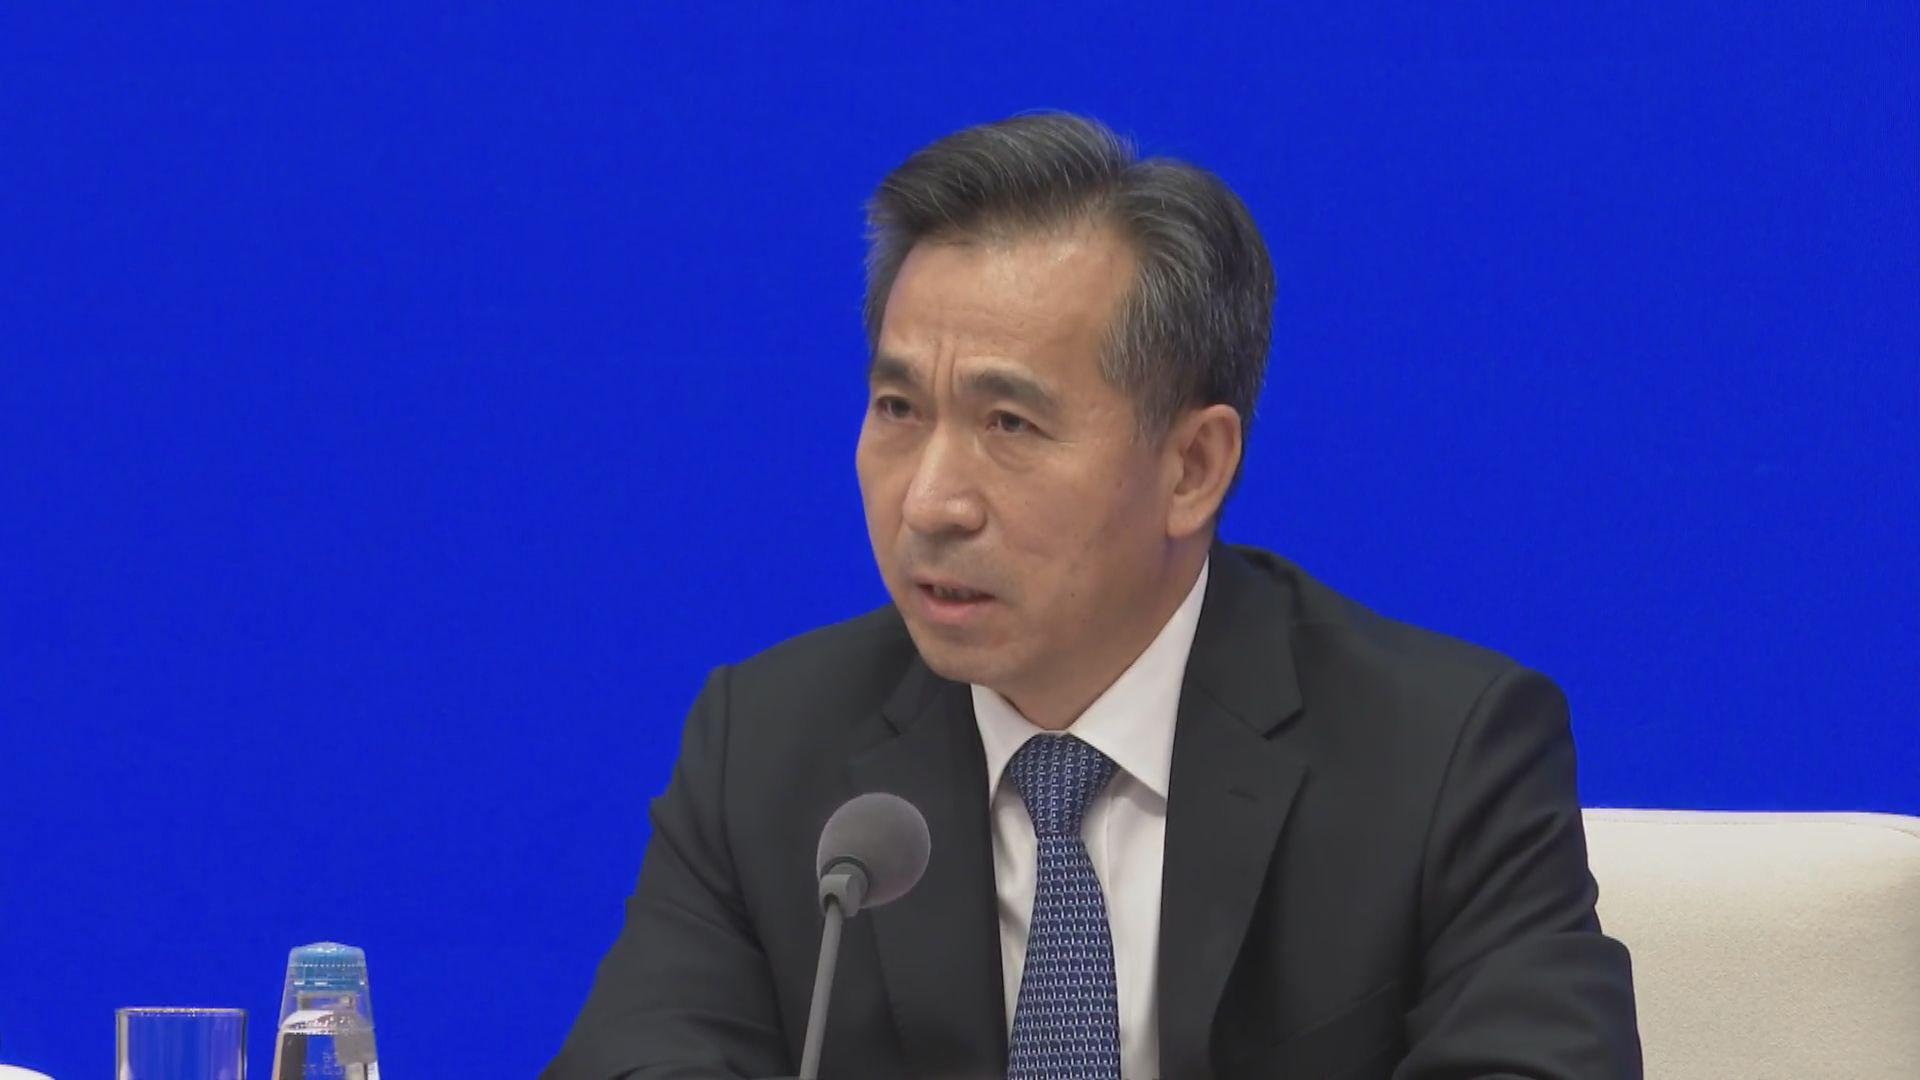 商務部冀美方停止對中國企業作限制和歧視行為